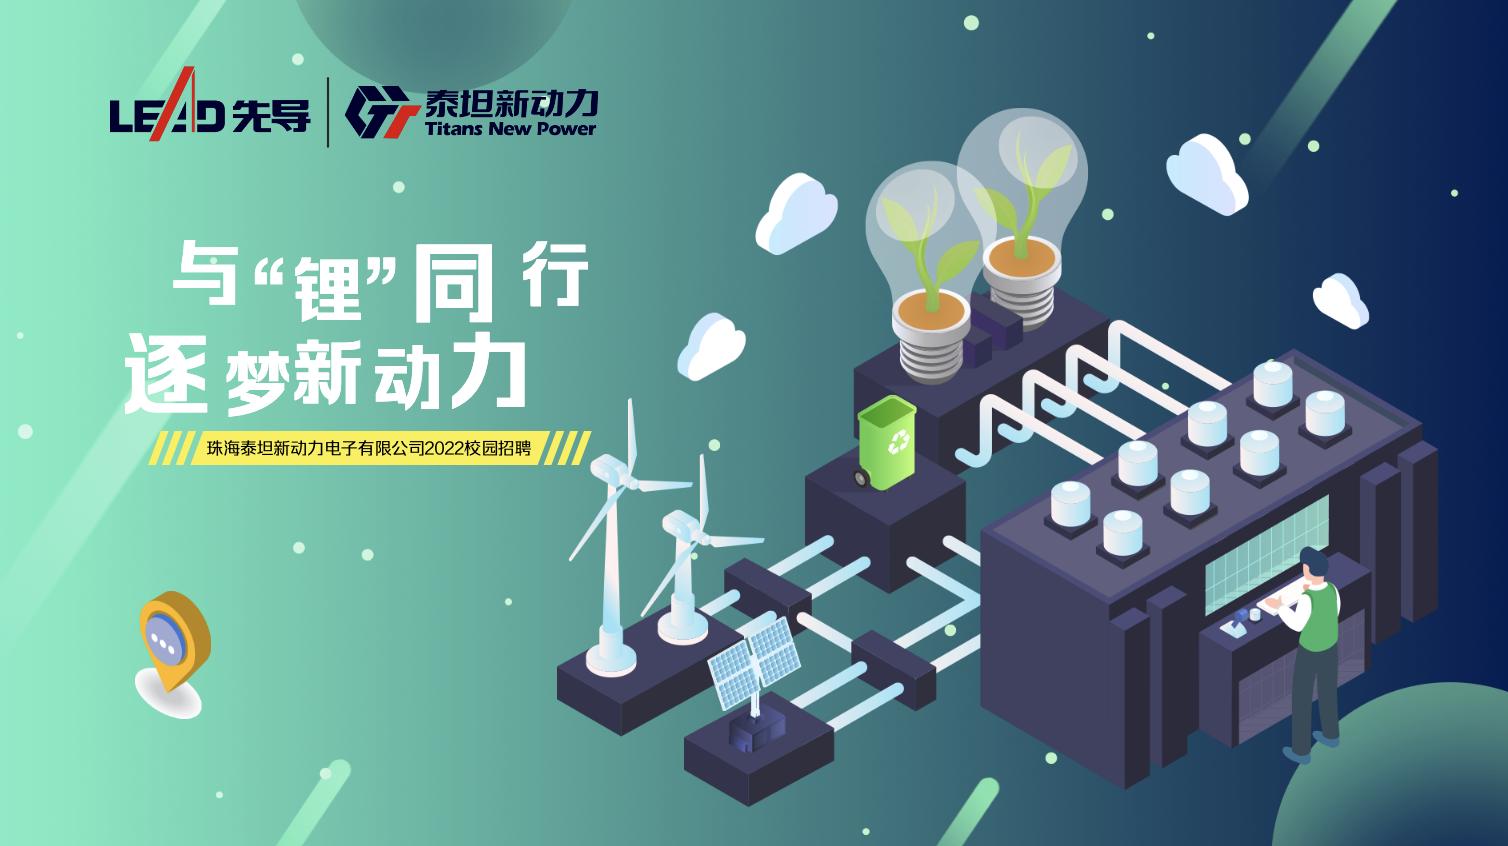 无锡先导高端智能装备华南总部 珠海泰坦新动力电子有限公司2022届校园招聘简章